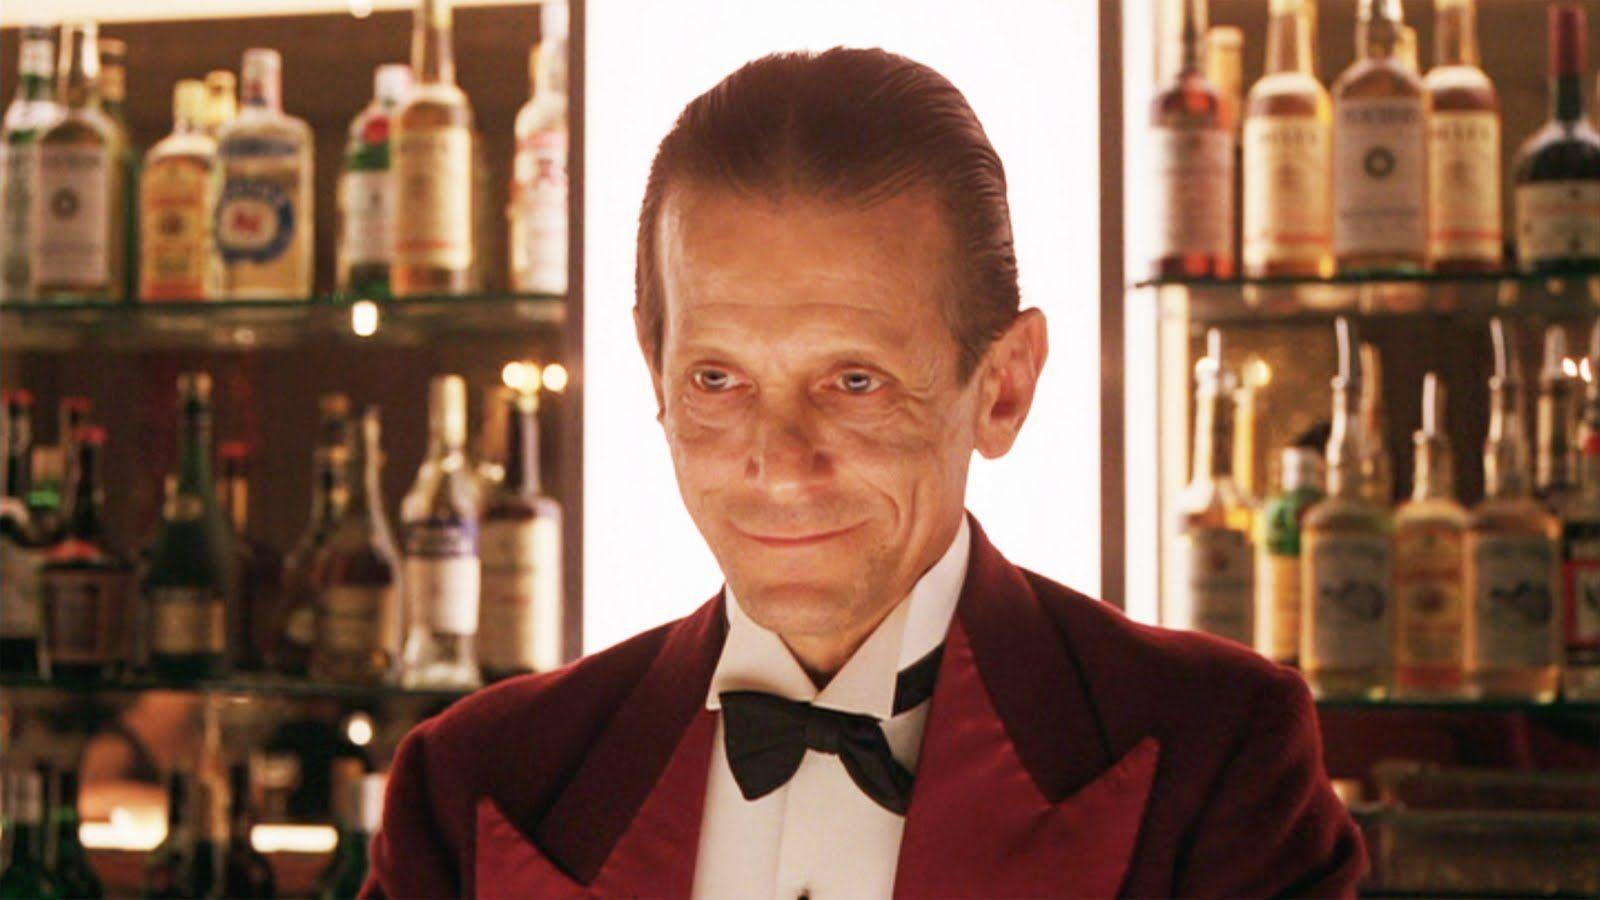 bar scene the shining - Google Search | The shining, The shining bar,  Bartender